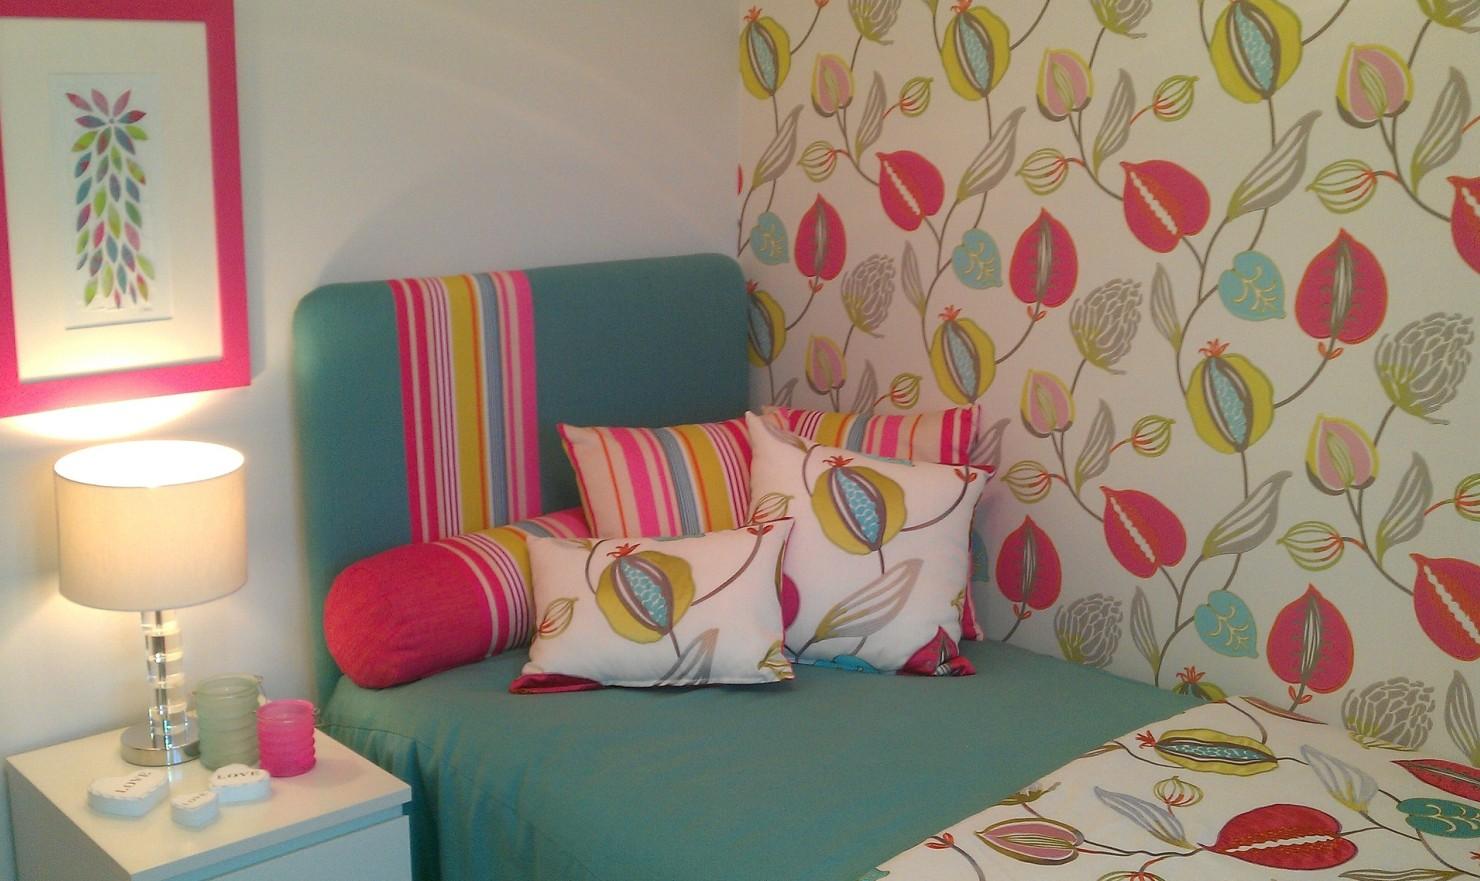 Schwarze Tapete Welche Wandfarbe : Schlafzimmer Tapeten 2014: Tapeten mehr ideen zur wandgestaltung im